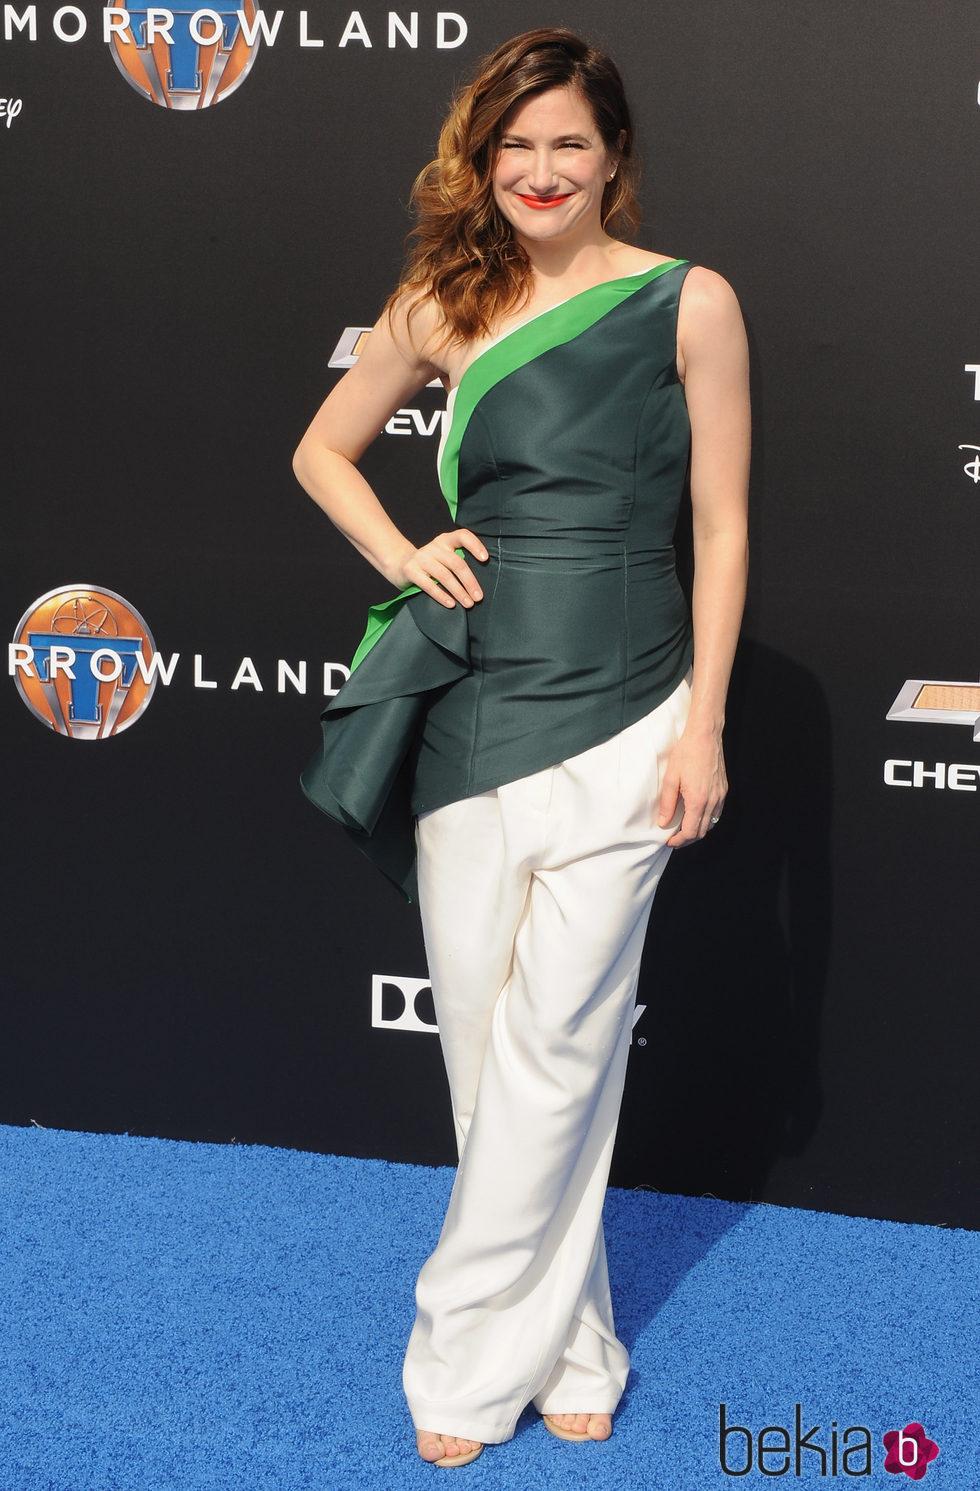 Kathryn Hahn en el estreno de Tomorrowland' en Anaheim